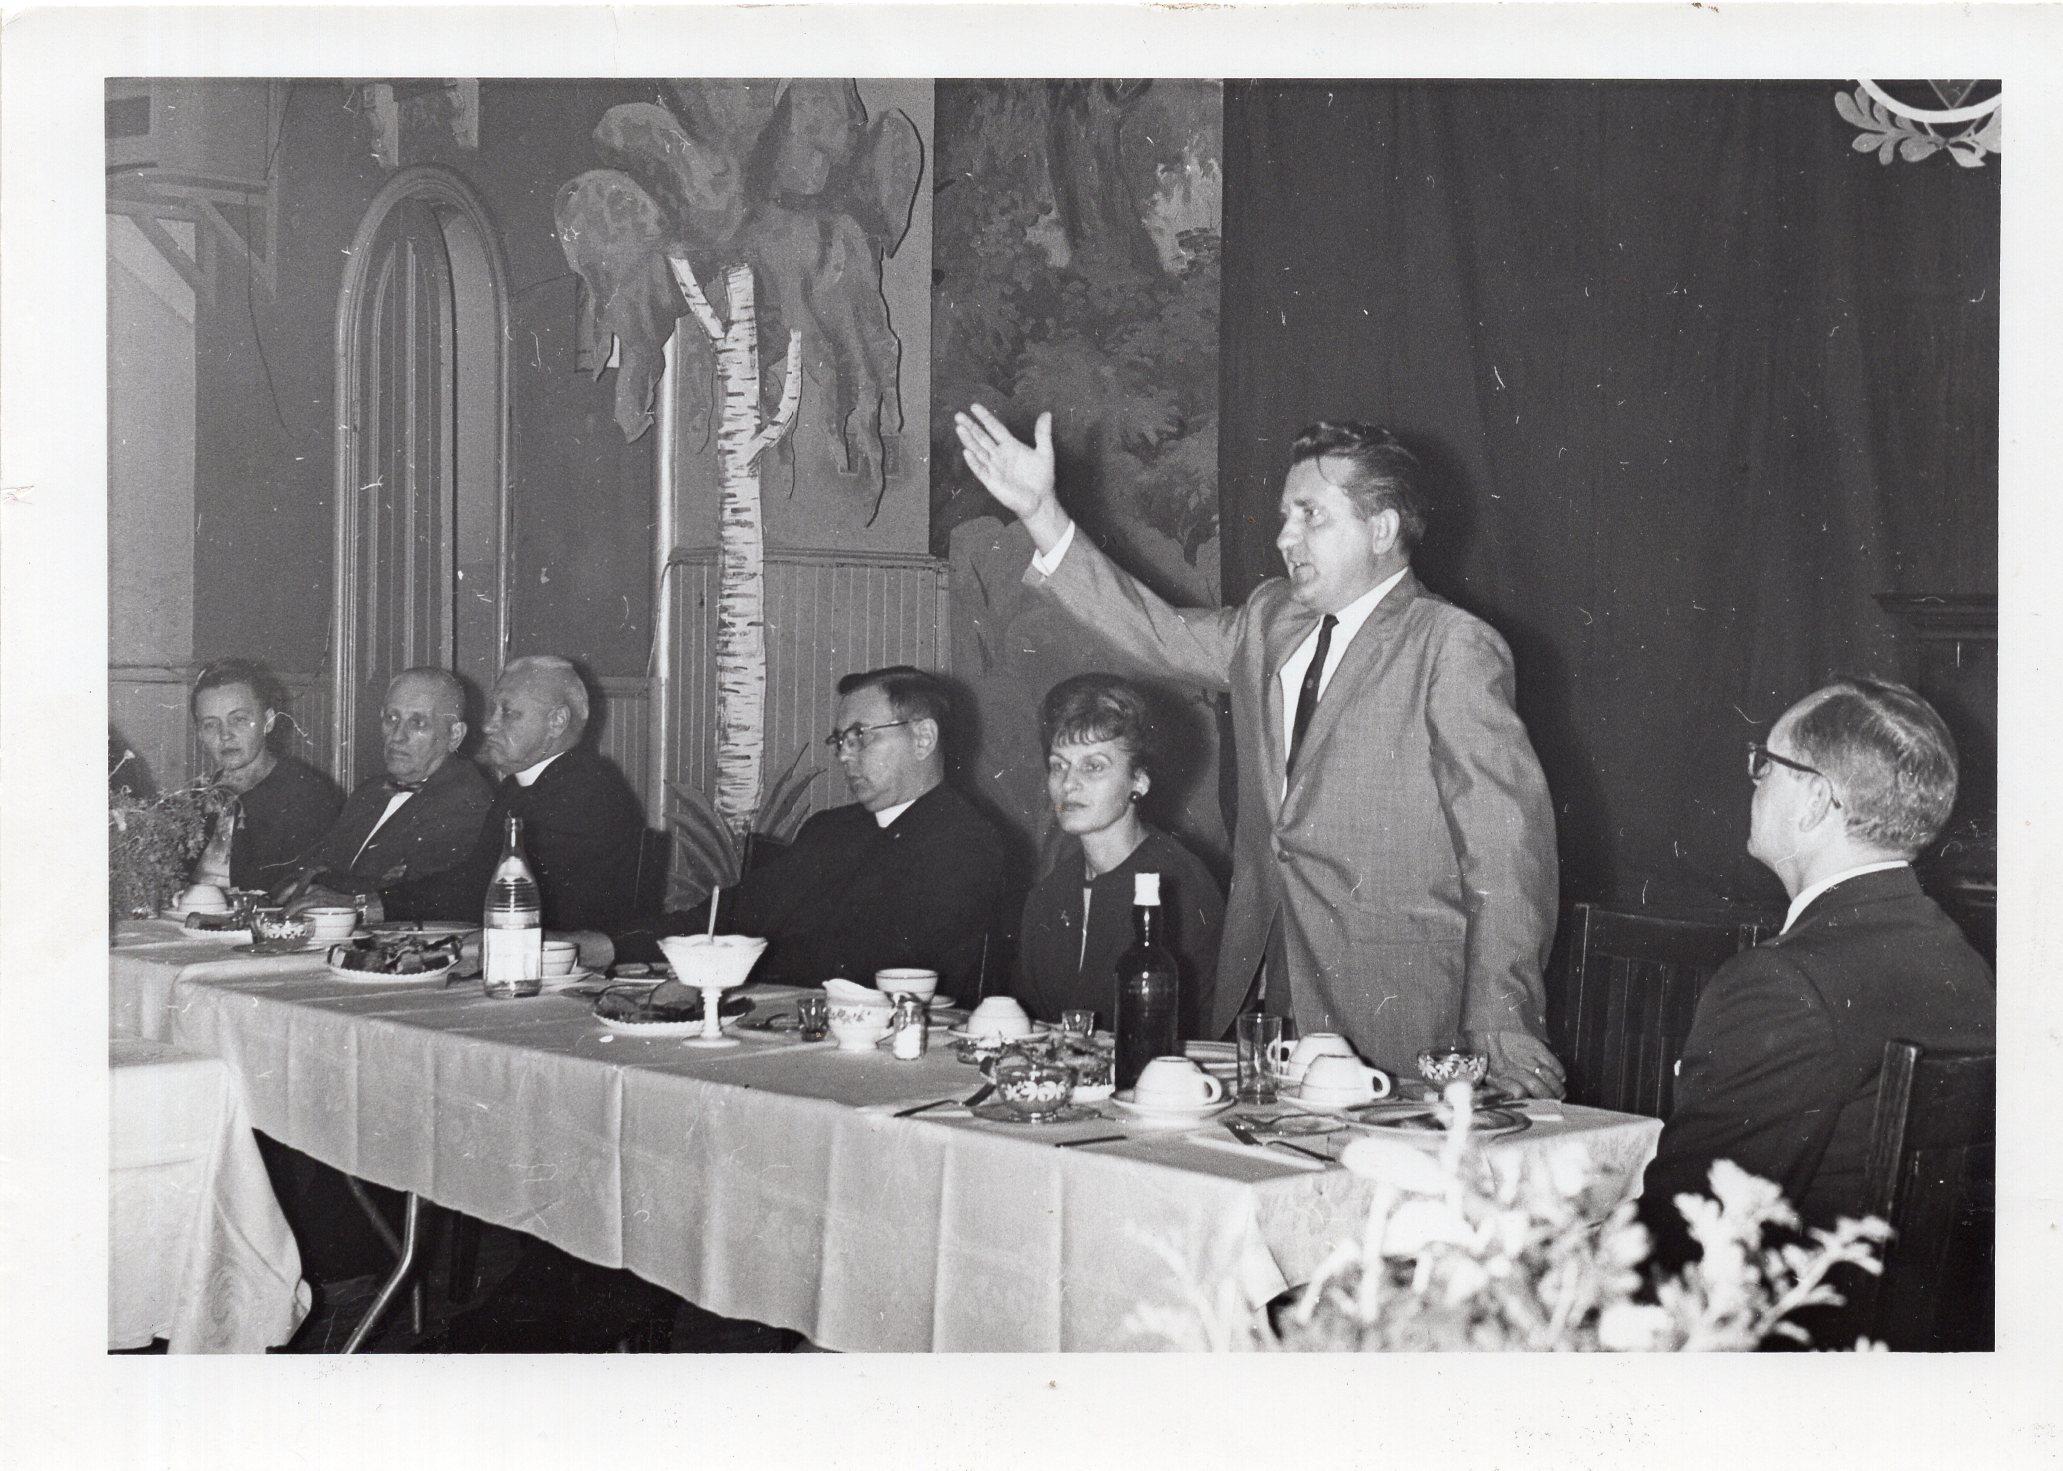 Iš kairės antras prof. A. Salys, trečias – V. Maciūnas, penkta – B. Volertienė, šeštas – V. Volertas. JAV, apie 1970 m.